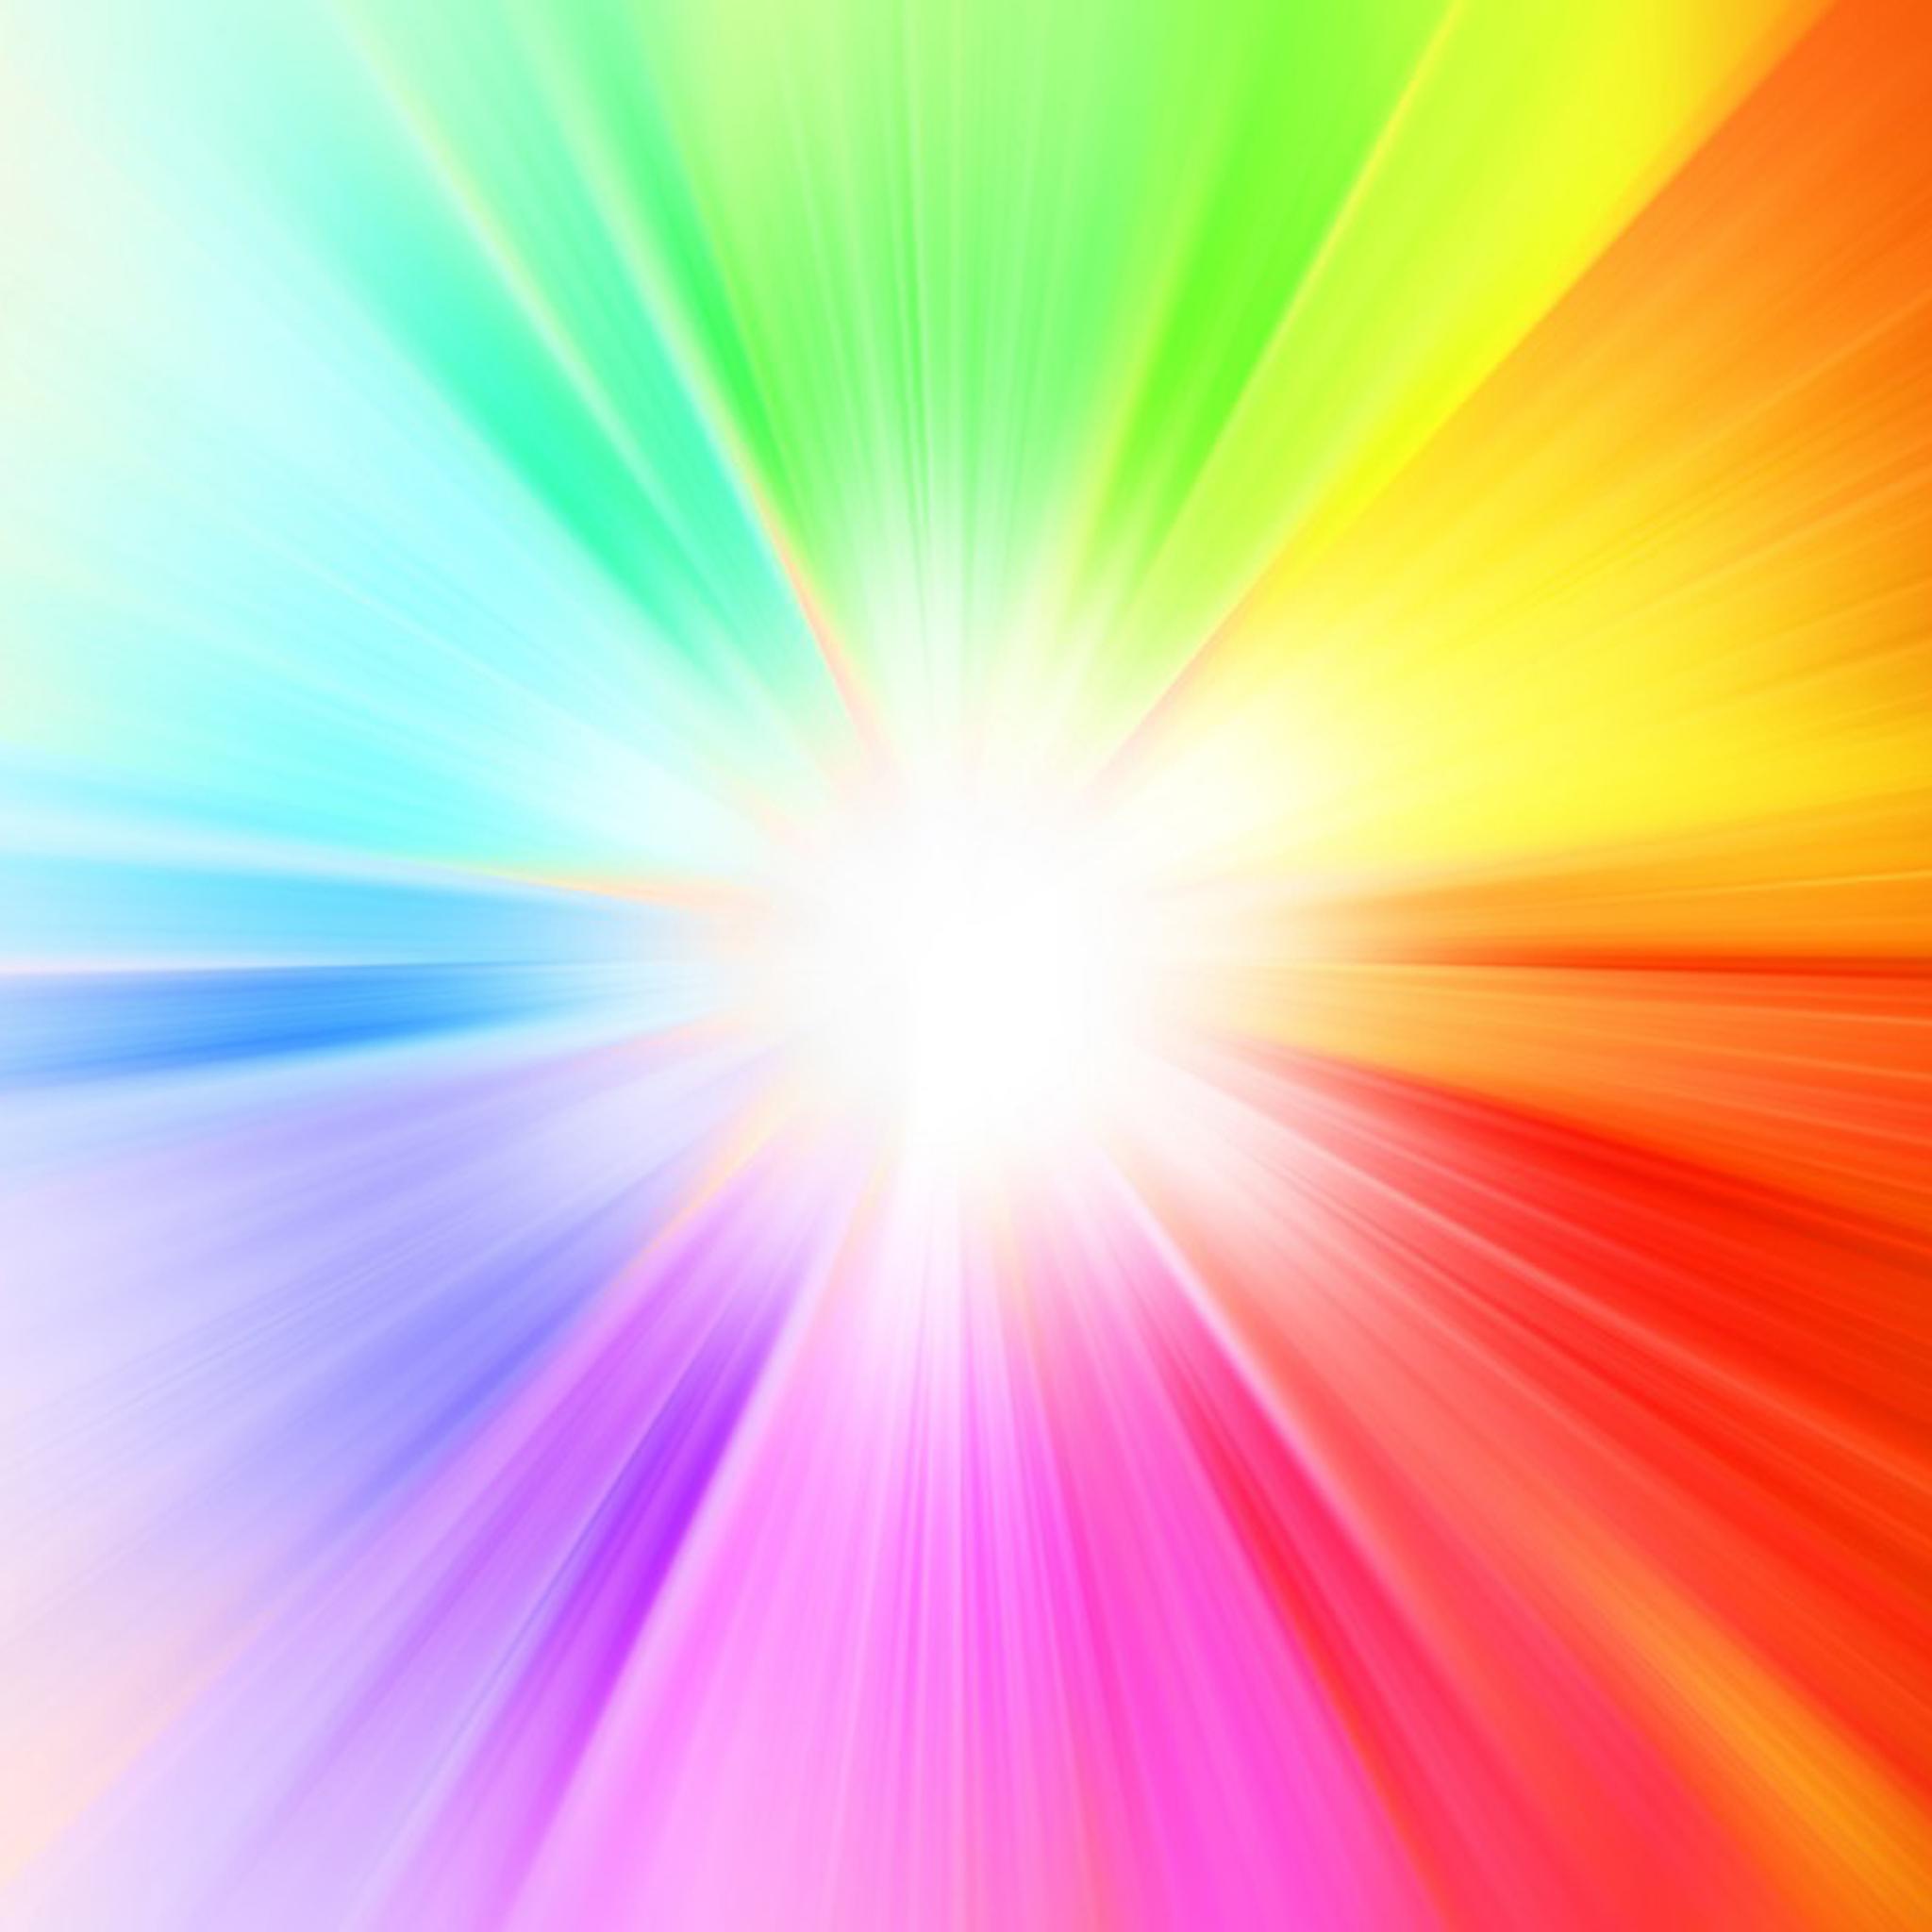 My Ipad Wallpaper Hd Live Colors 9 2048x2048 Apps Directories 2048x2048